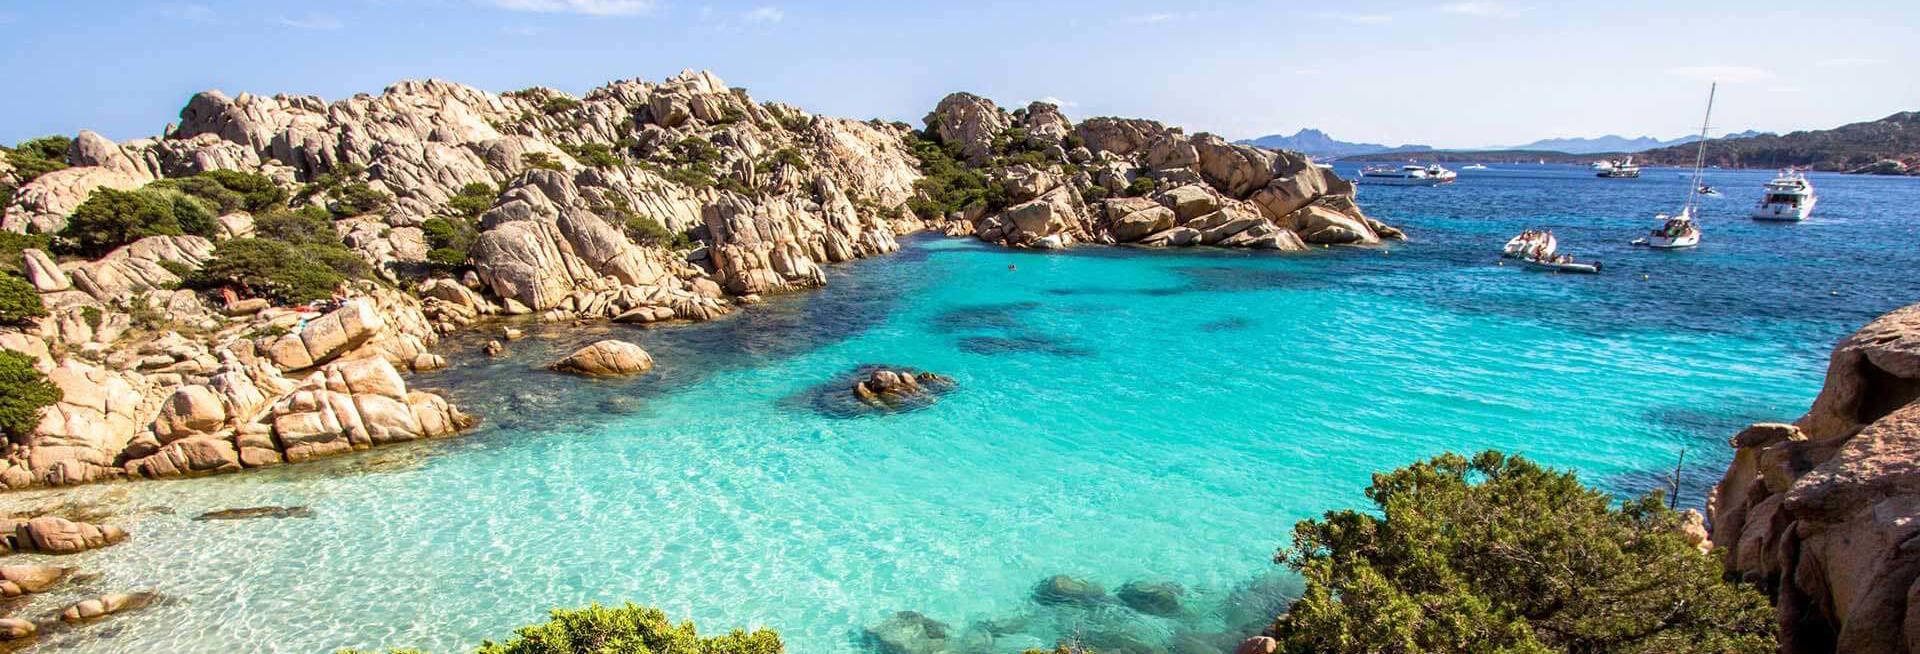 viaggi in Sardegna con traghetto